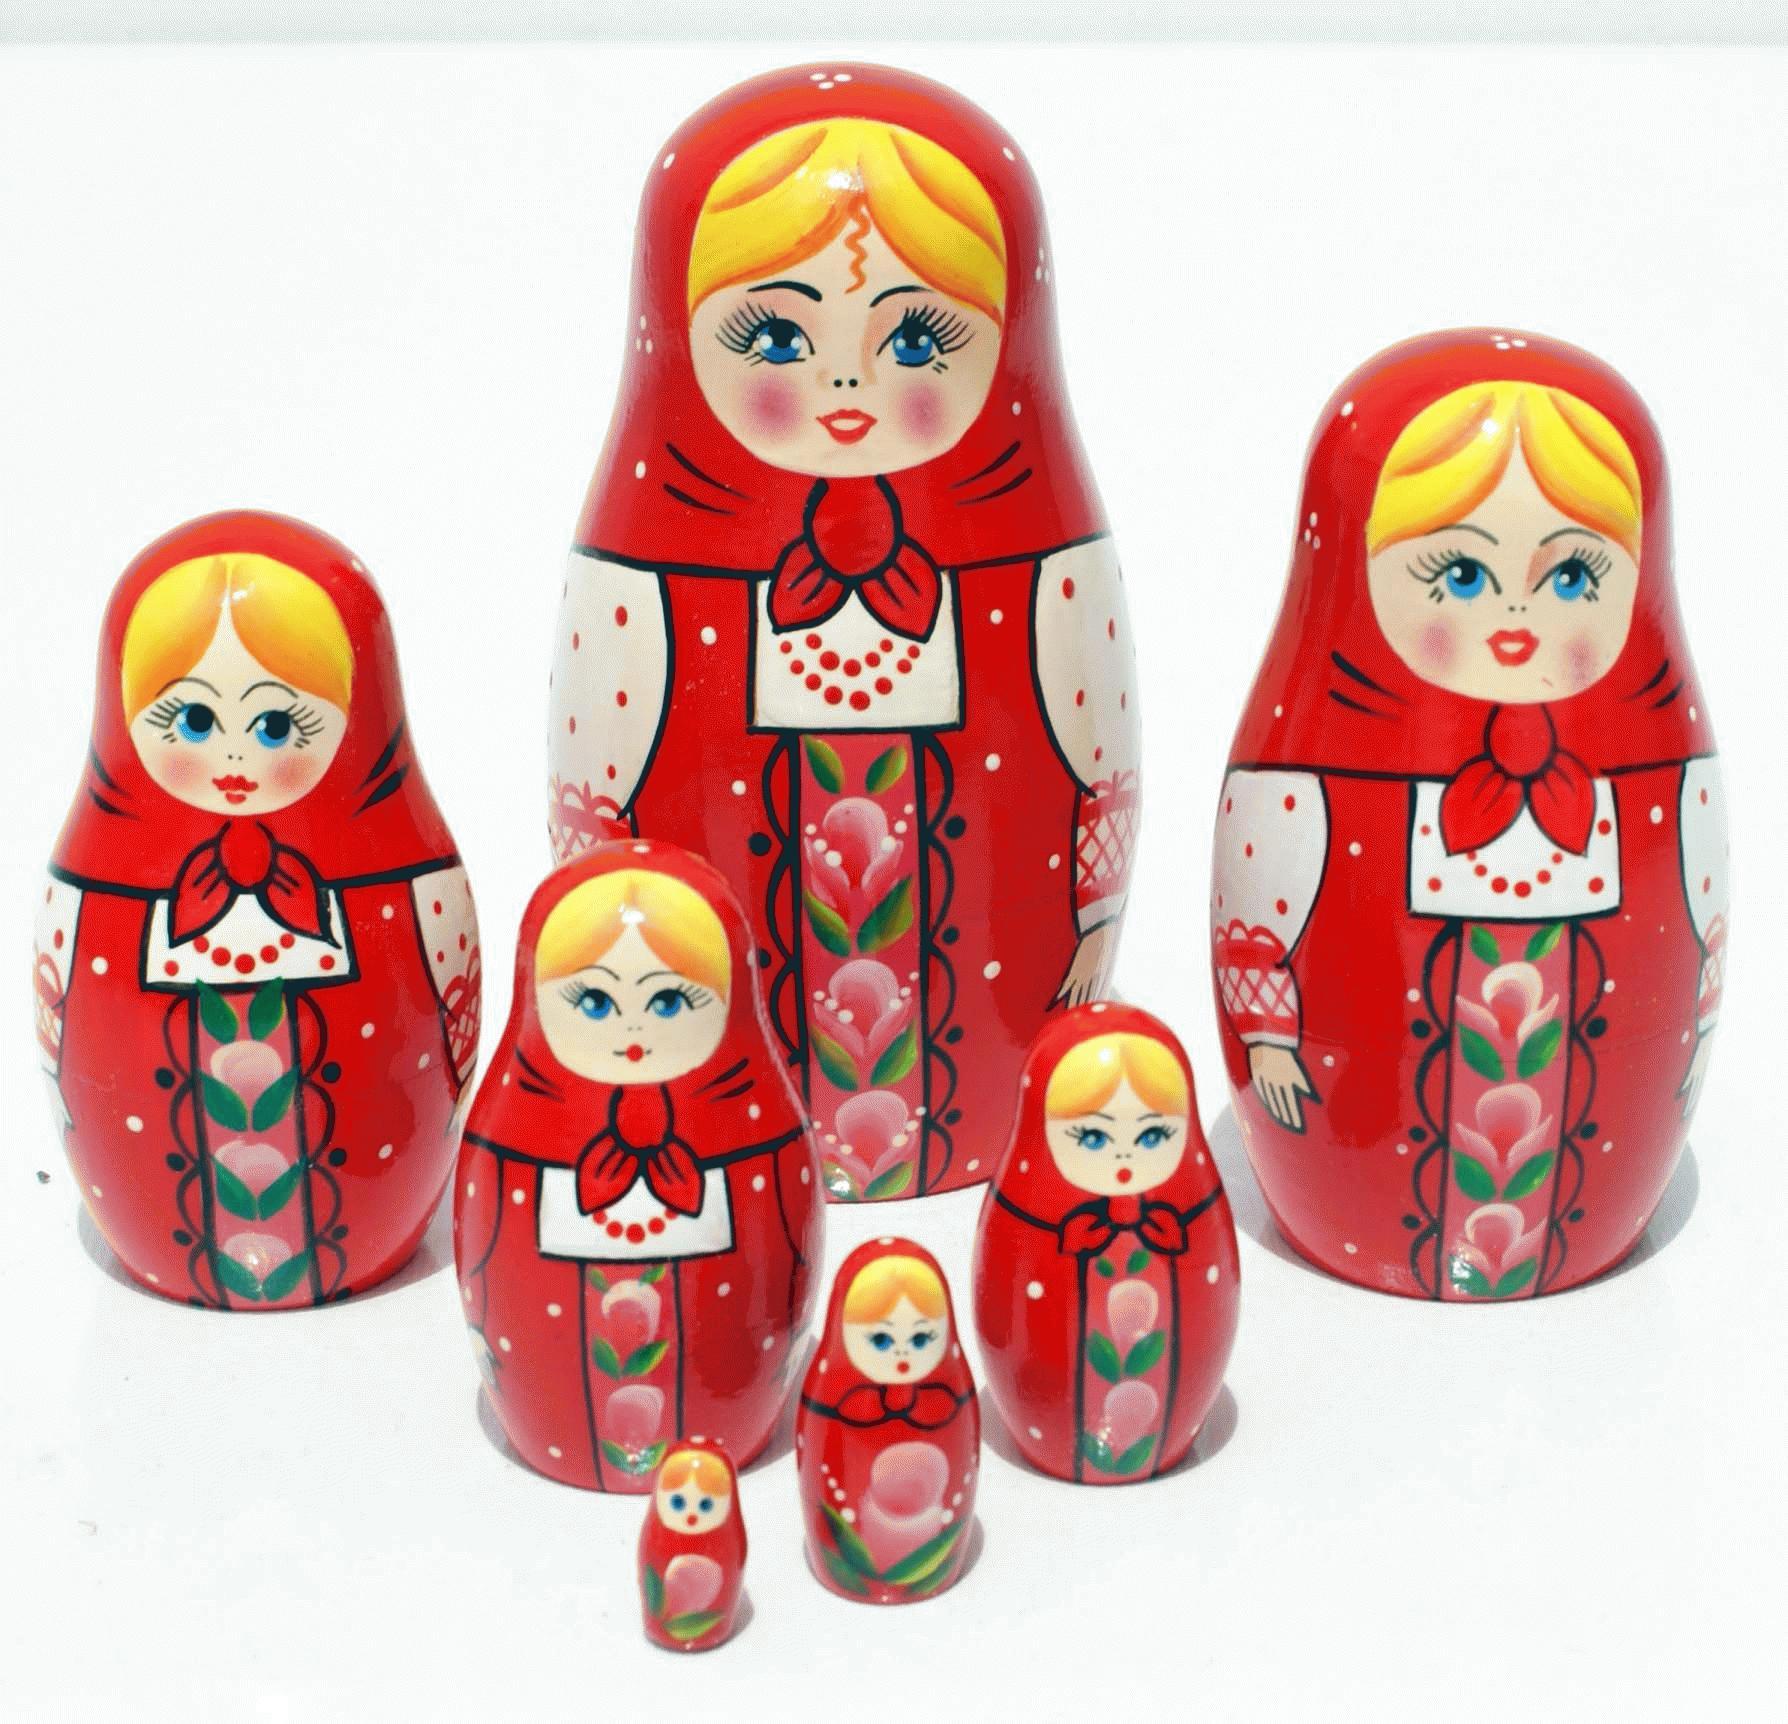 红色的俄罗斯套娃